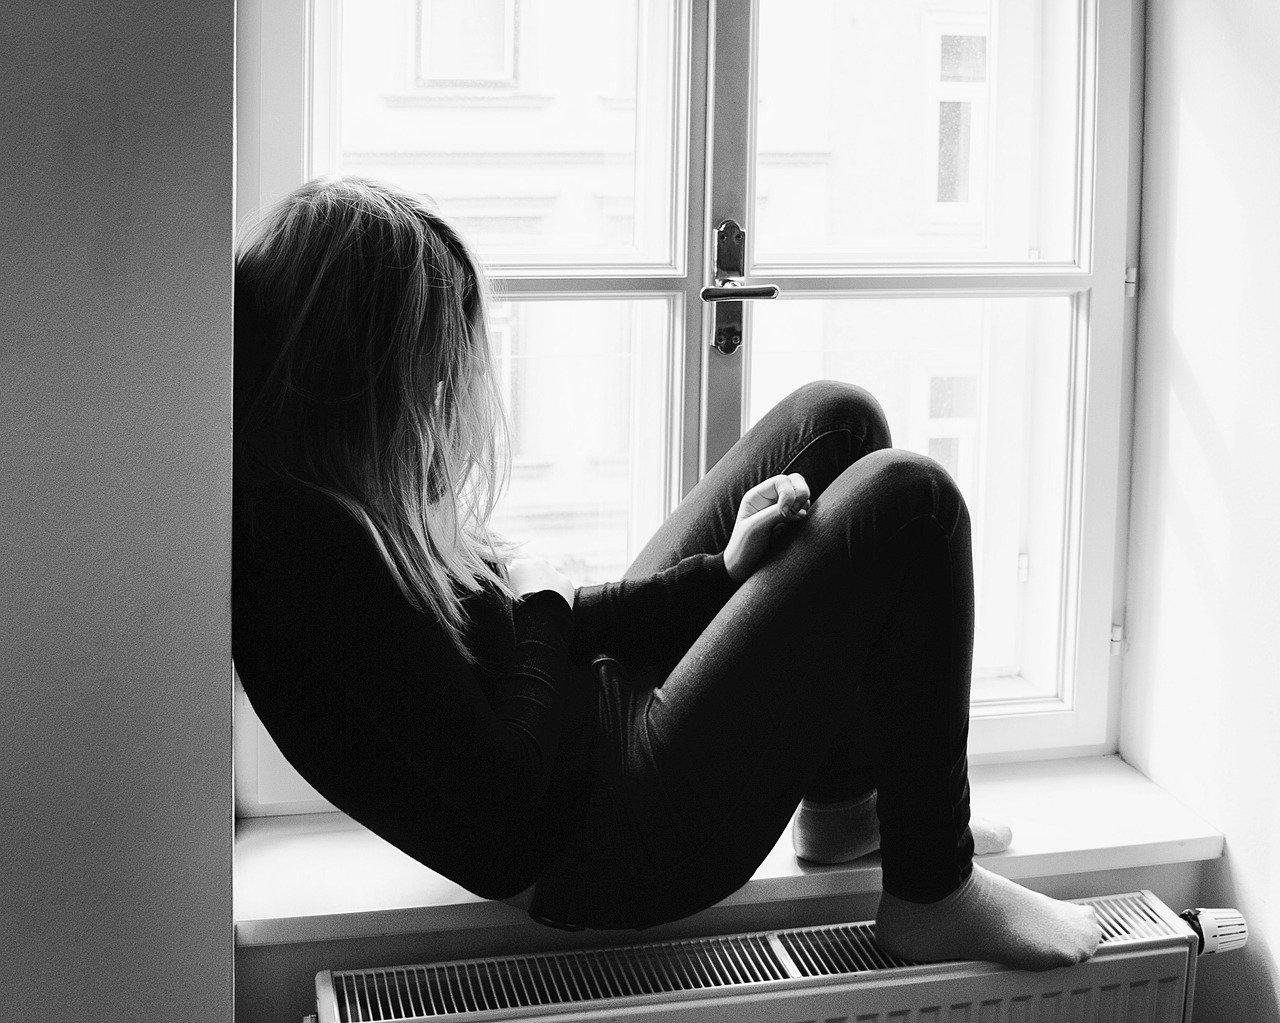 Frau sitzt zusammengesunken im Fenster als Sinnbild für den Schmerz von Trauma